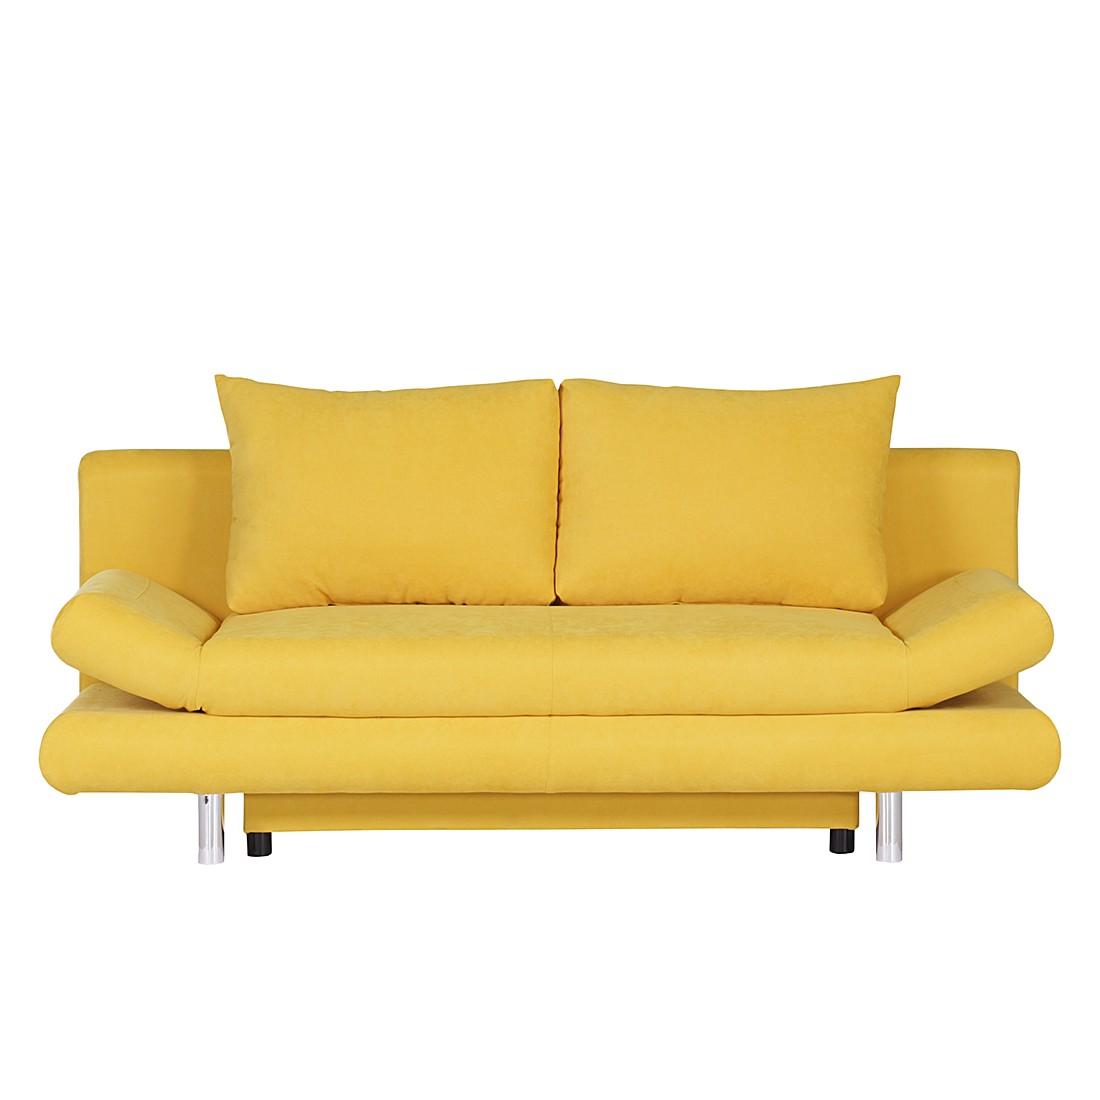 Schlafsofa gelb  Studio Monroe Designersofa – für ein modernes Heim | home24